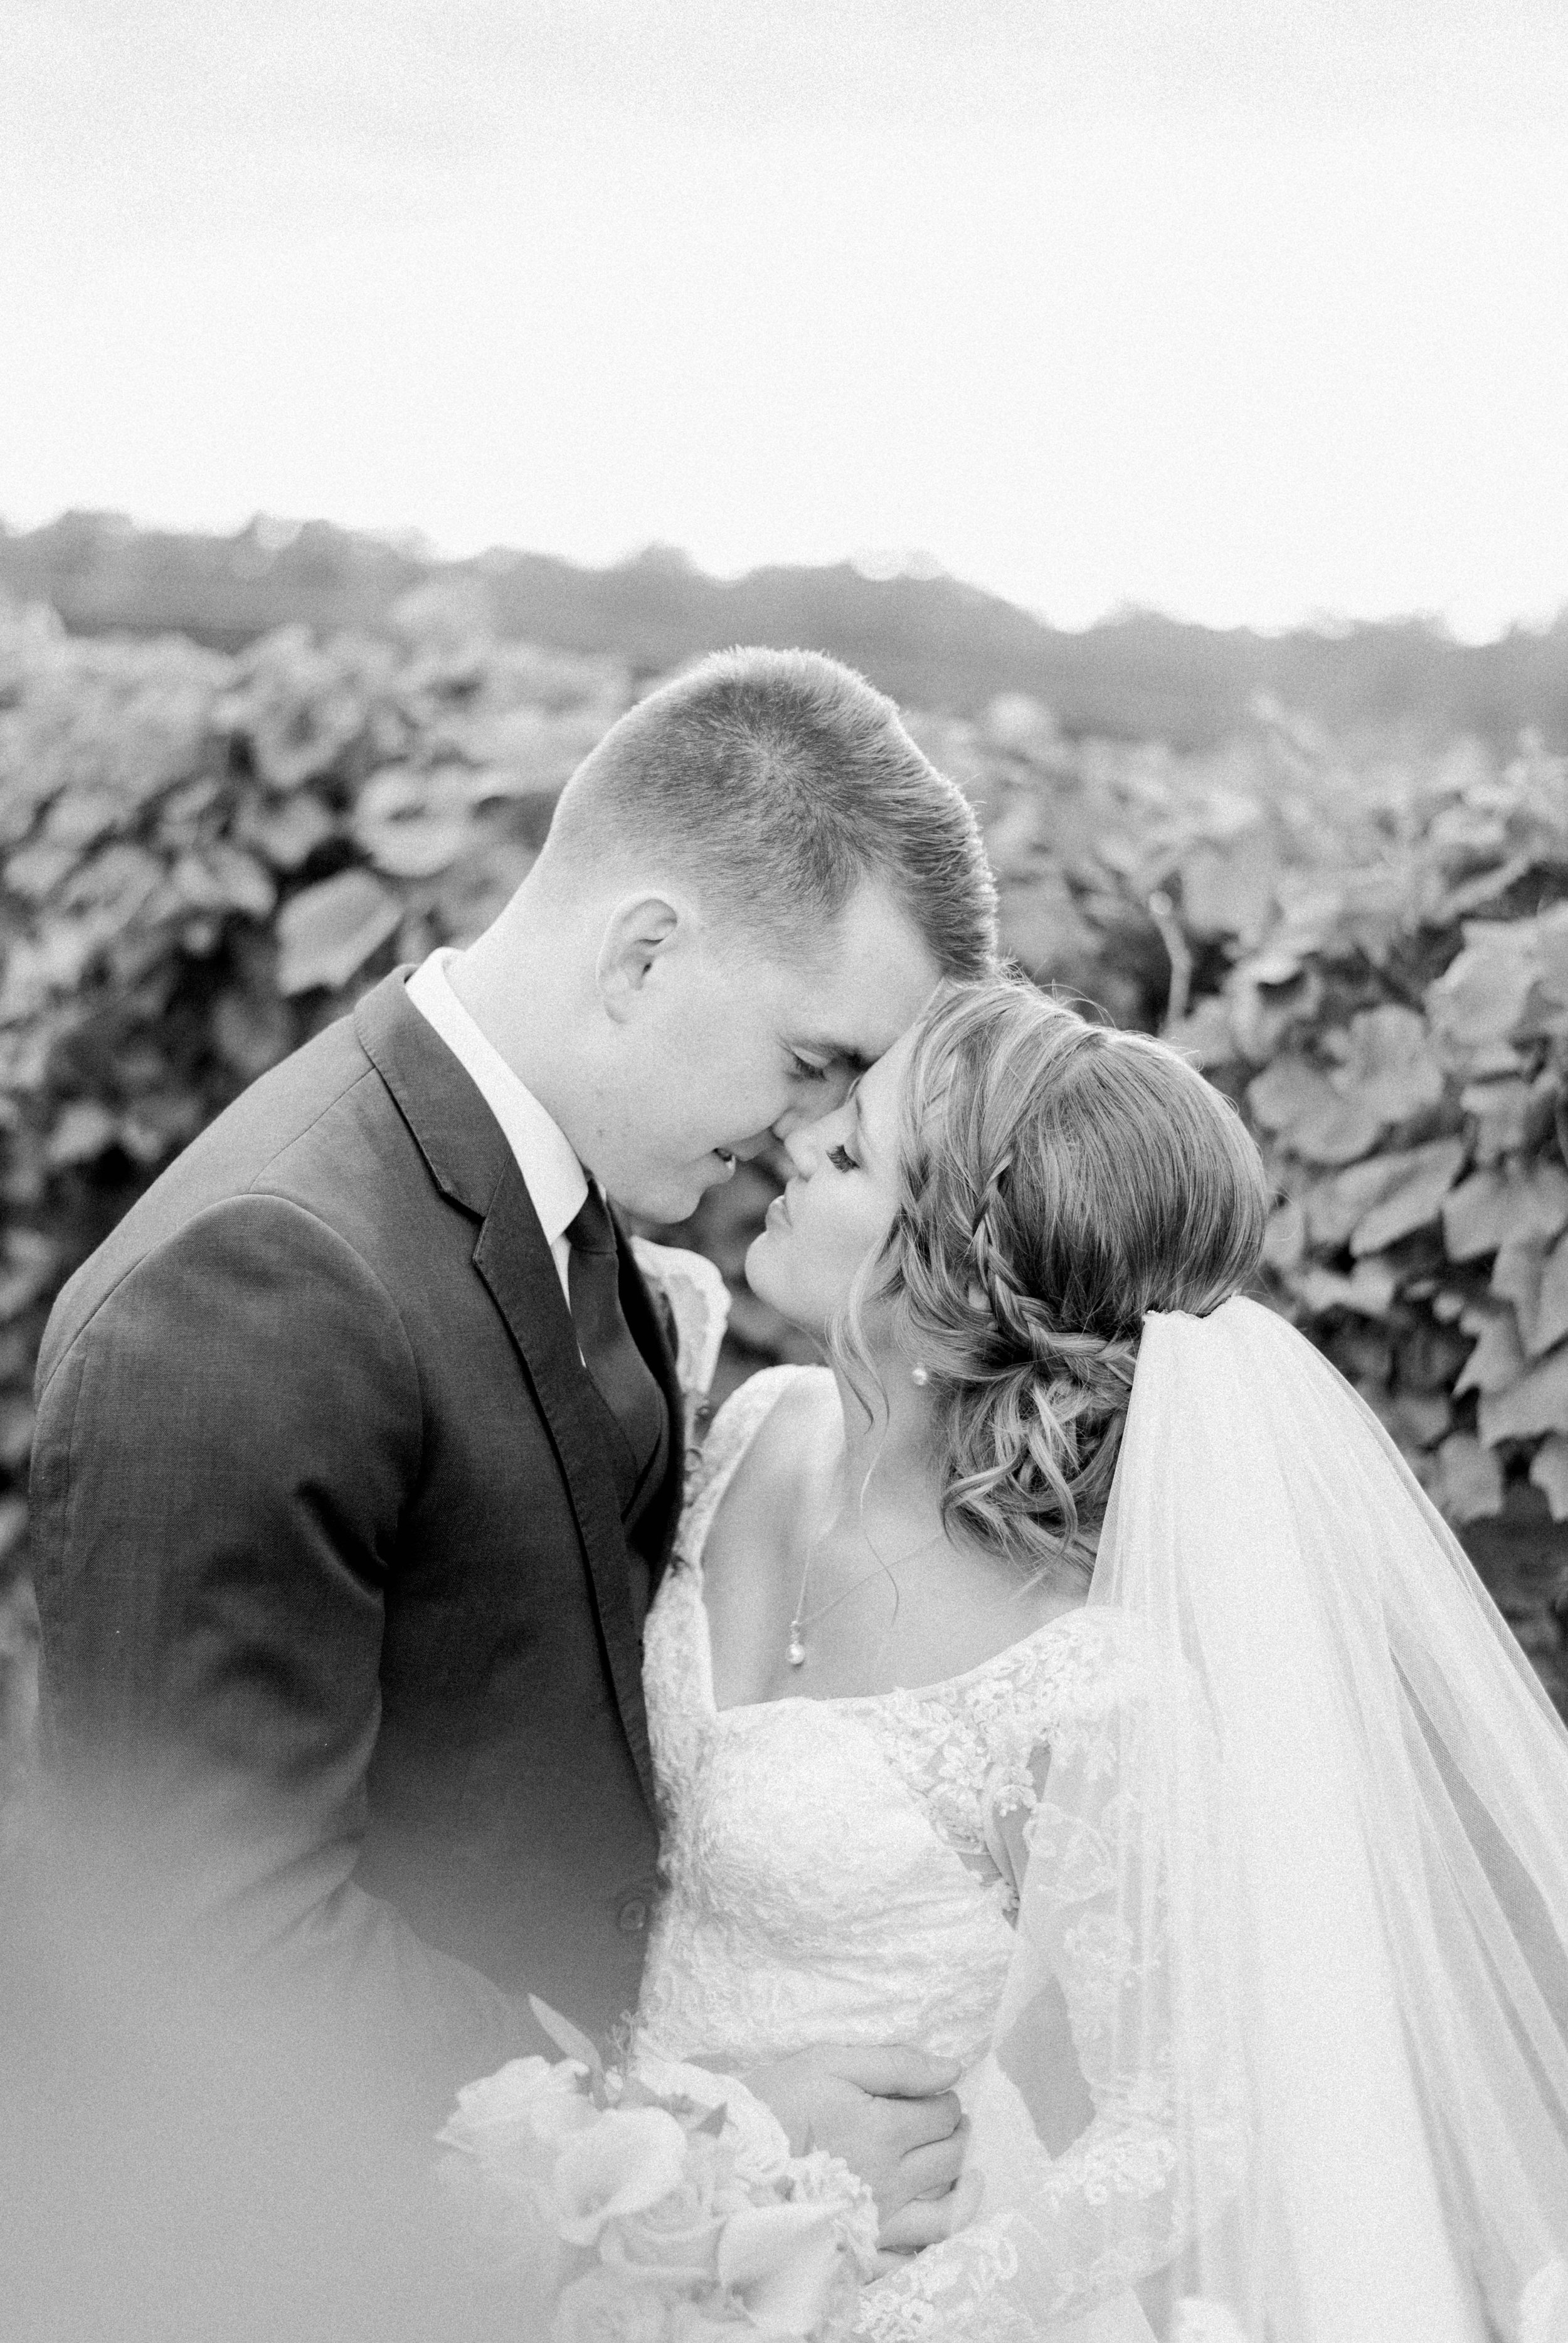 GrantElizabeth_wineryatbullrun_DCwedding_Virginiaweddingphotographer 22.jpg